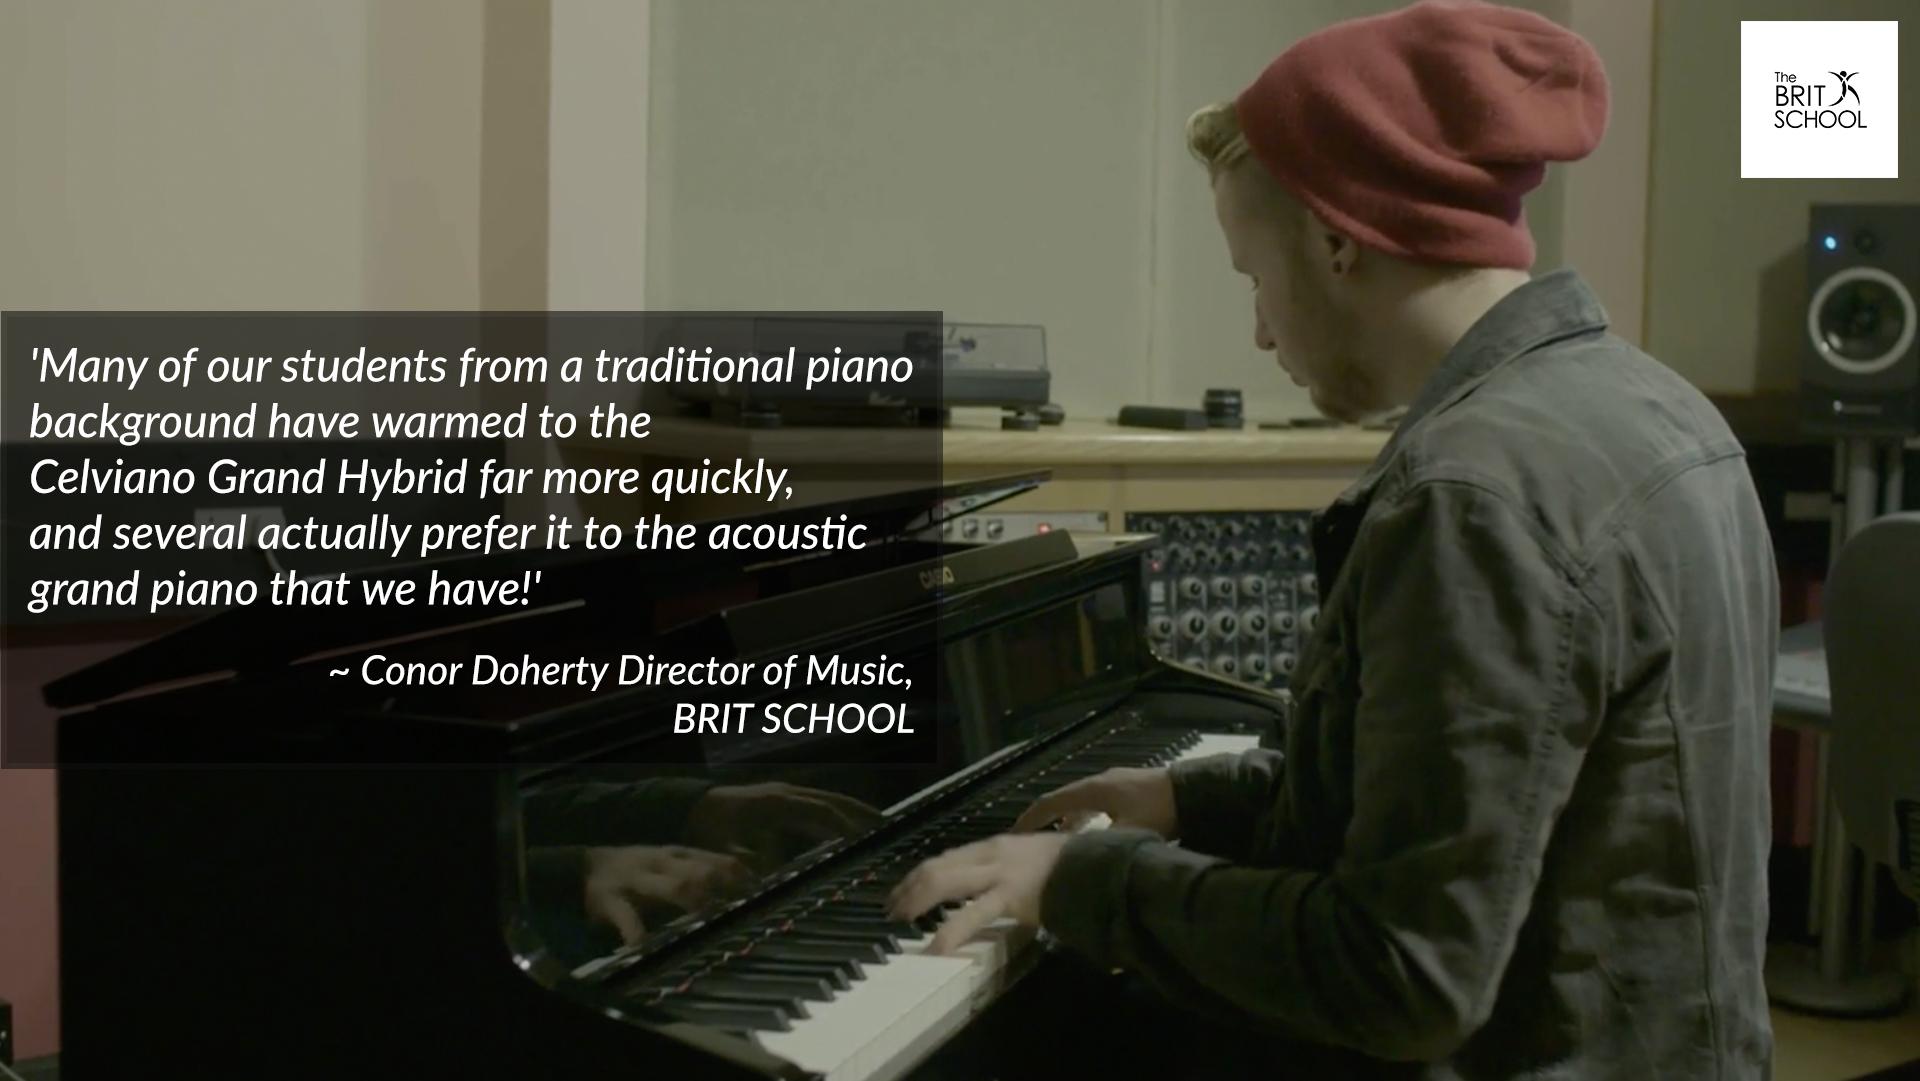 Conor Doherty - BRIT SCHOOL